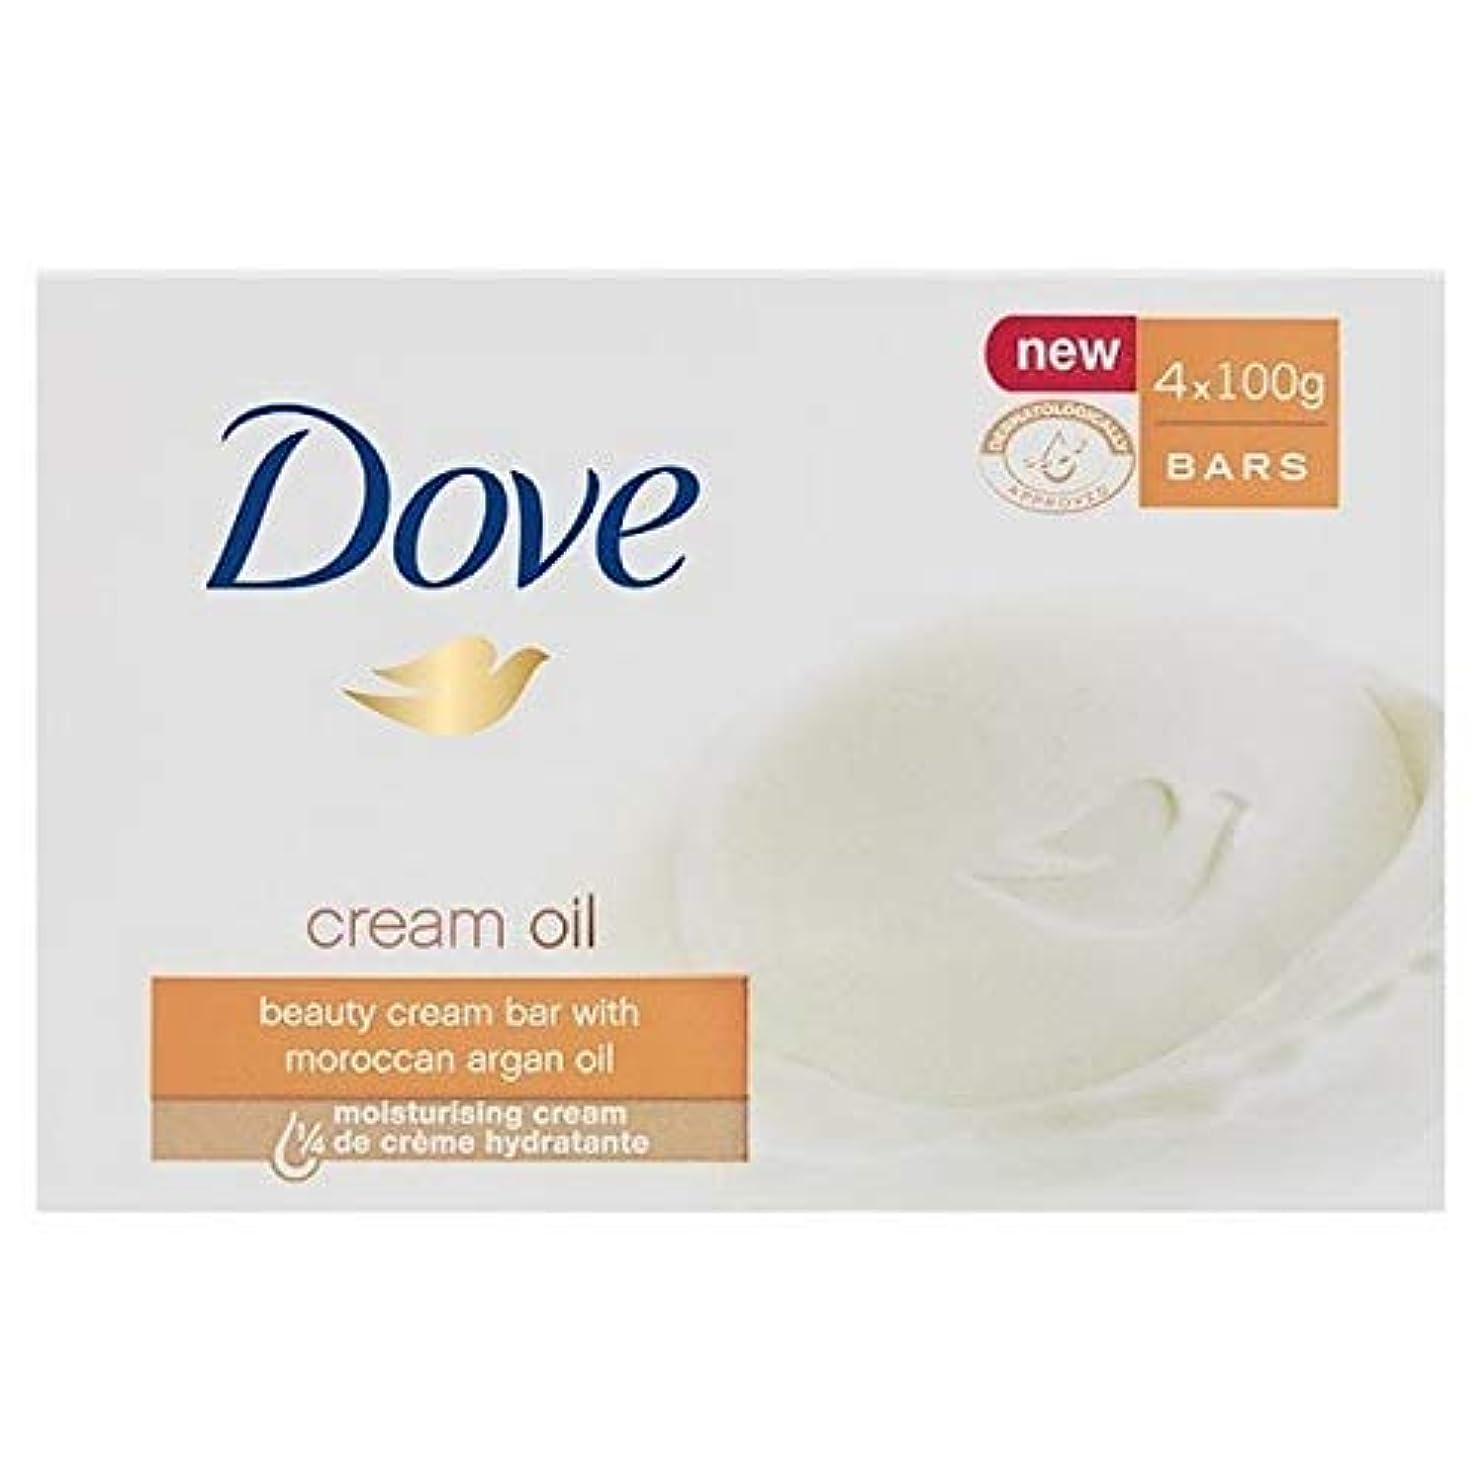 ジャベスウィルソン証明コンテスト[Dove ] アルガンオイル美容クリーム石鹸4×100グラムを剥離鳩 - Dove Exfoliating Argan Oil Beauty Cream Soap Bar 4 x 100g [並行輸入品]